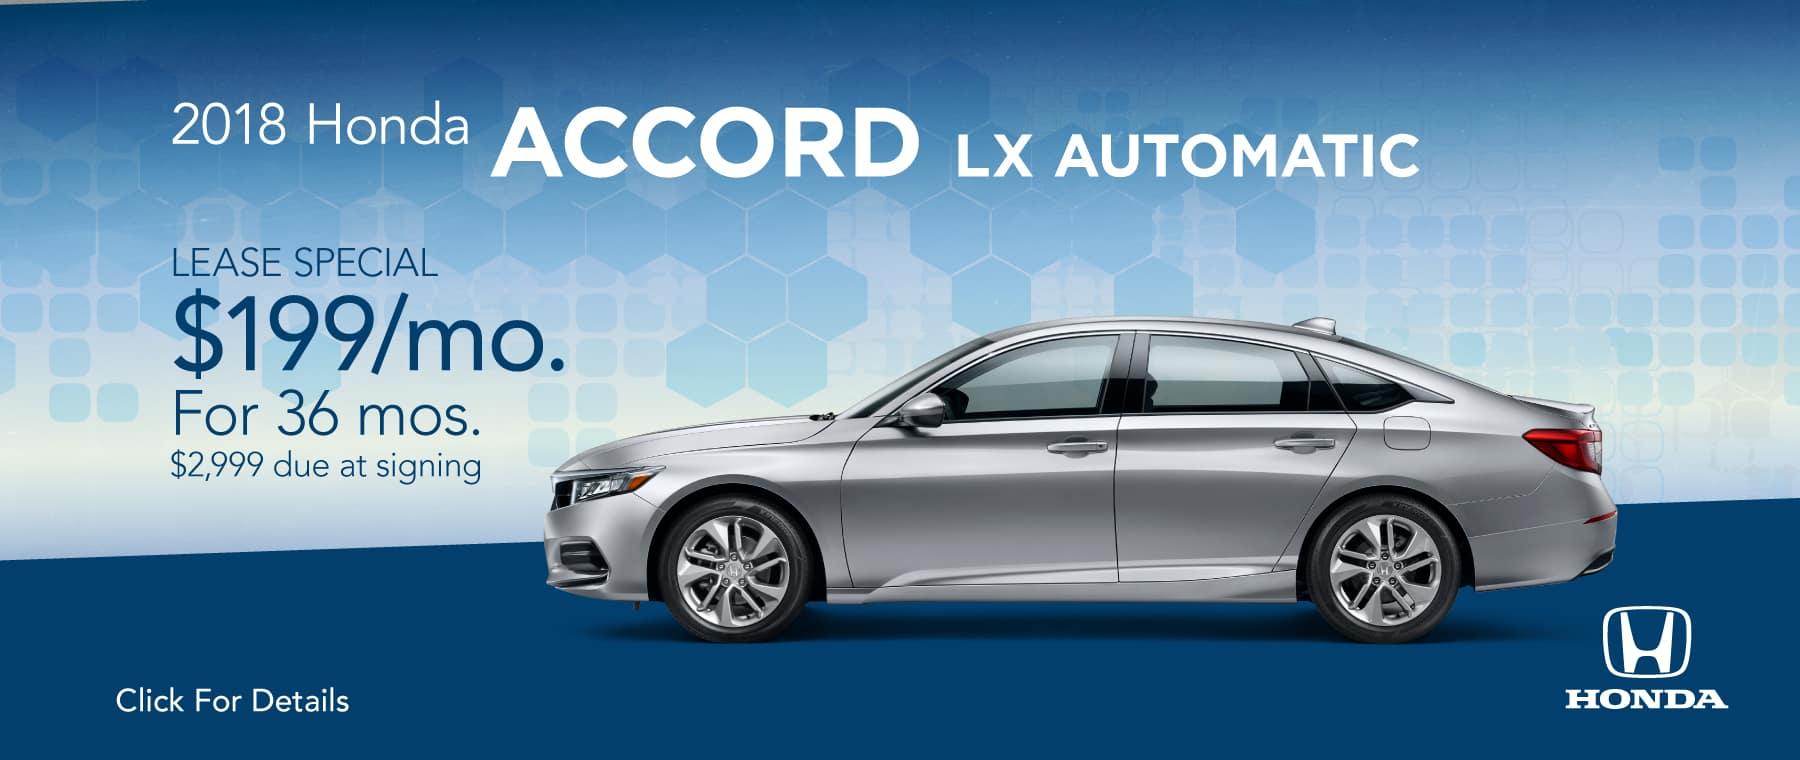 2018 Honda Accord LX Automatic  $199/mo. For 36 mos. $2,999 due at signing*